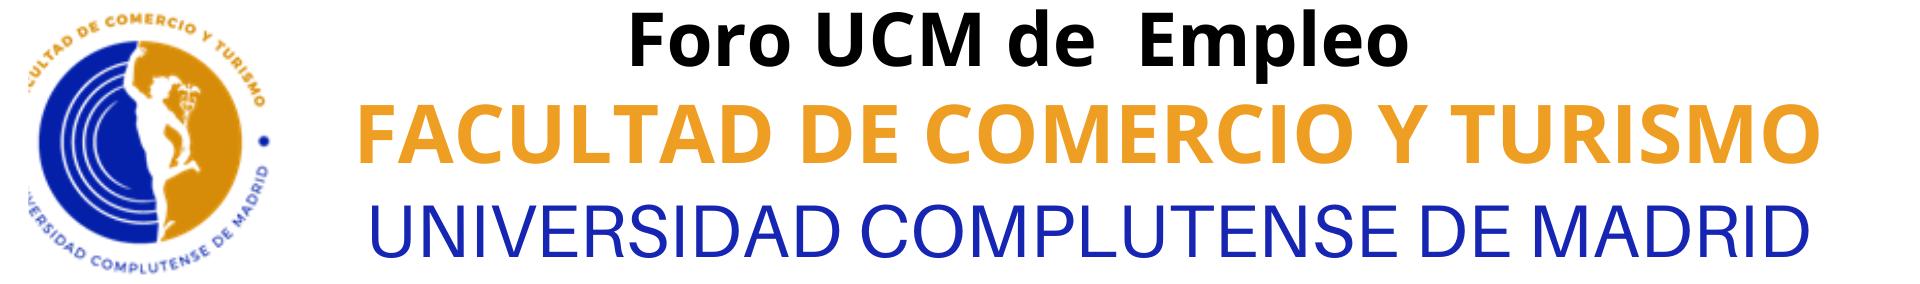 Escudo Facultad Comercio y Turismo